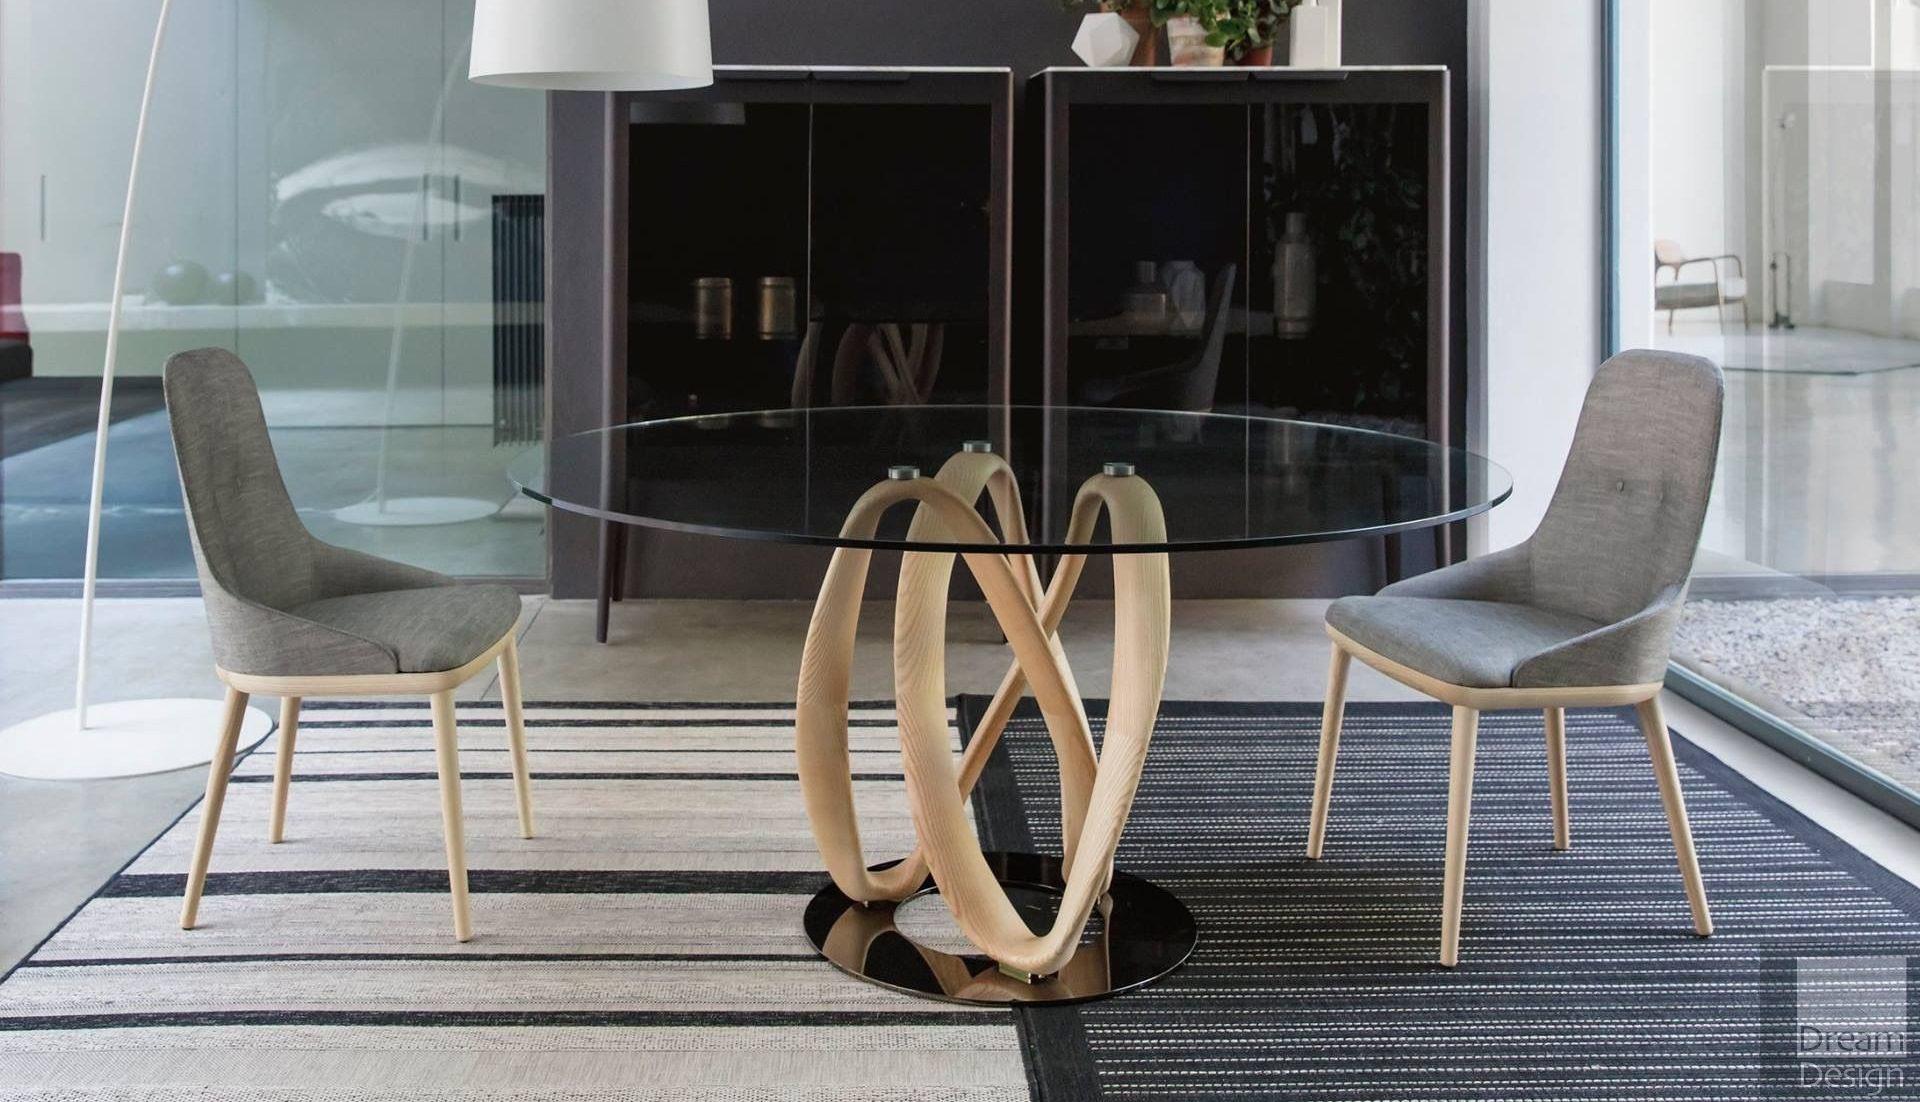 Porada Infinity Round Glass Table